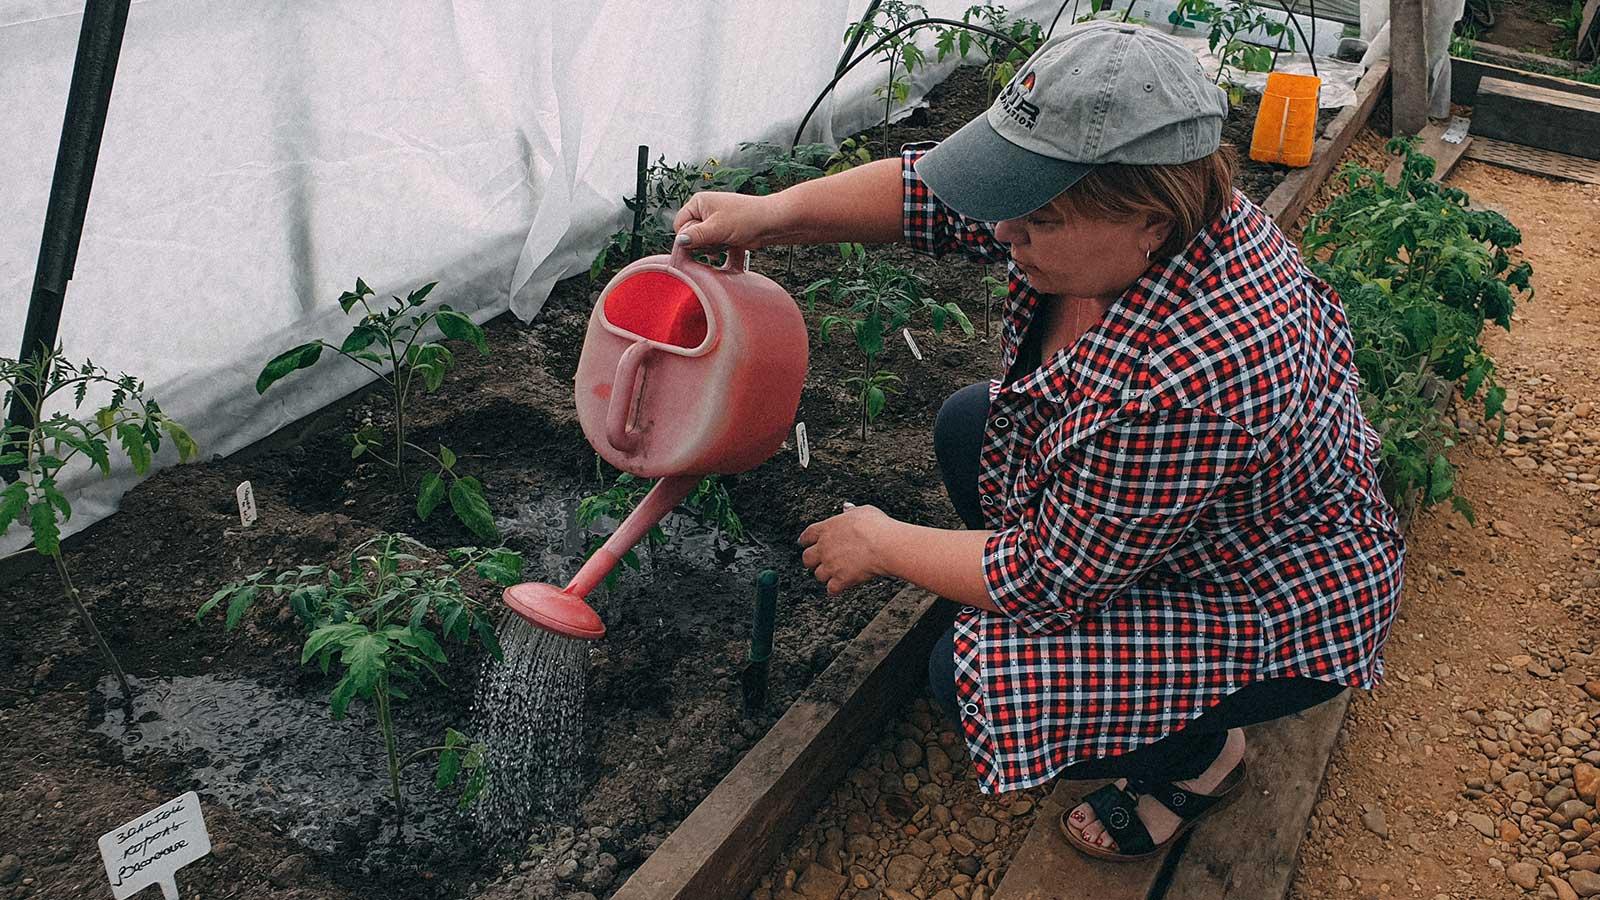 Gardening in Irkutsk, Siberia. Photo credit: Alla Shishkina